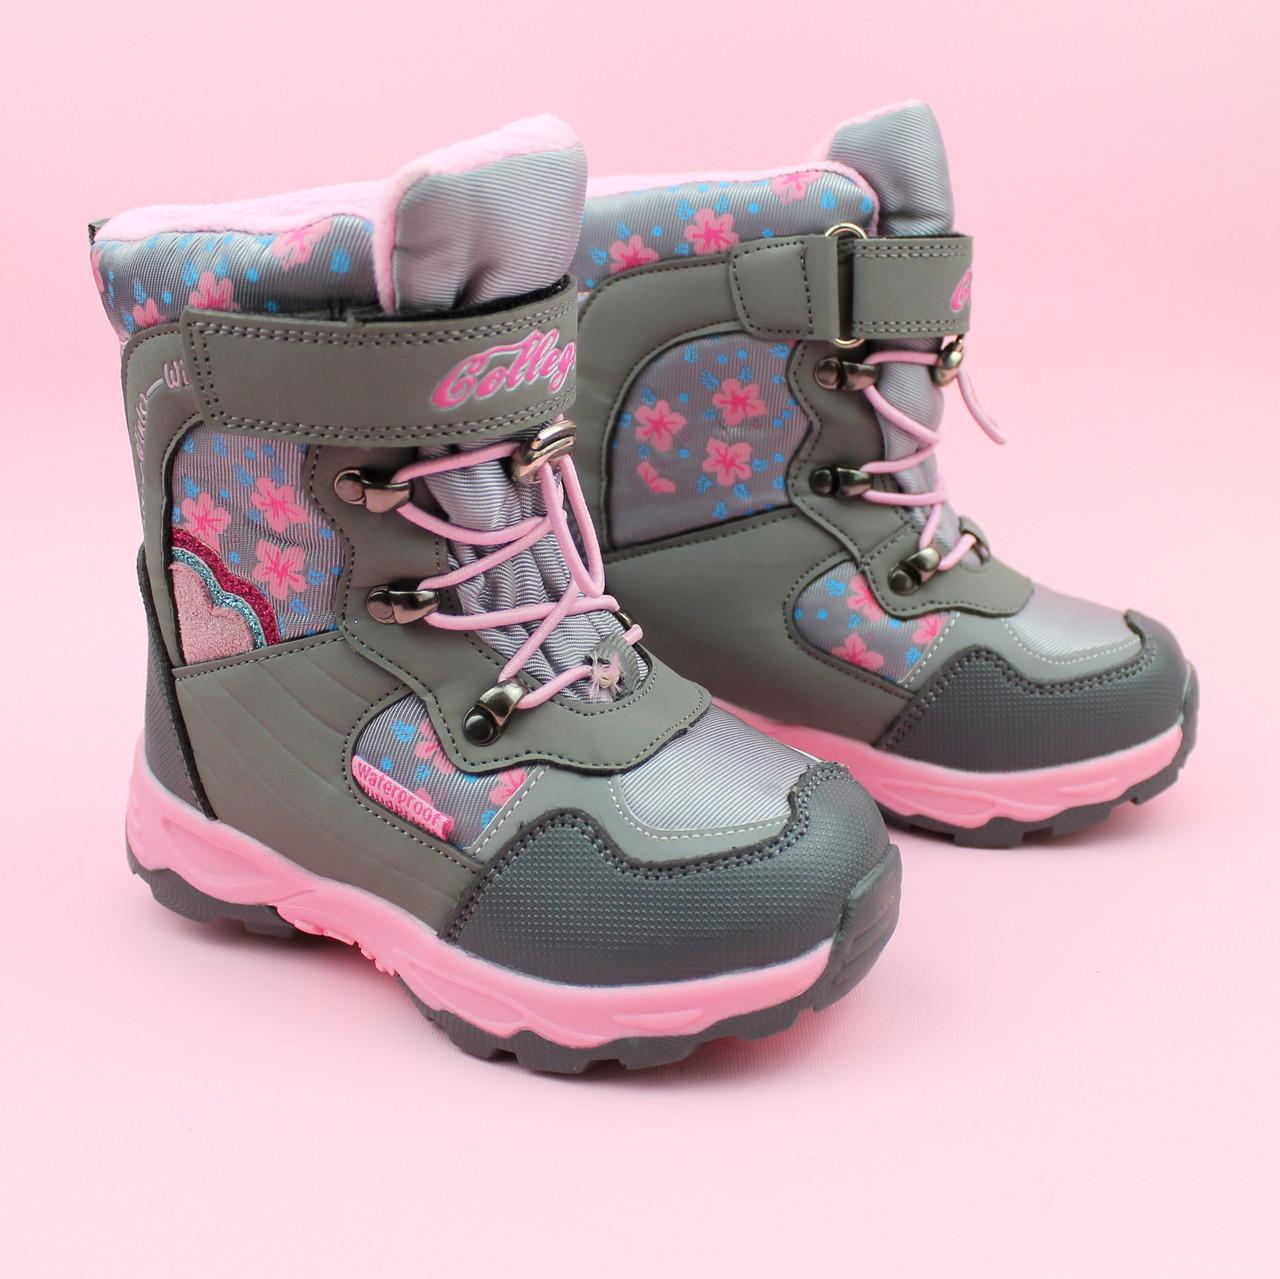 Термо ботинки для девочки серые тм Том.м размер 27,28,29